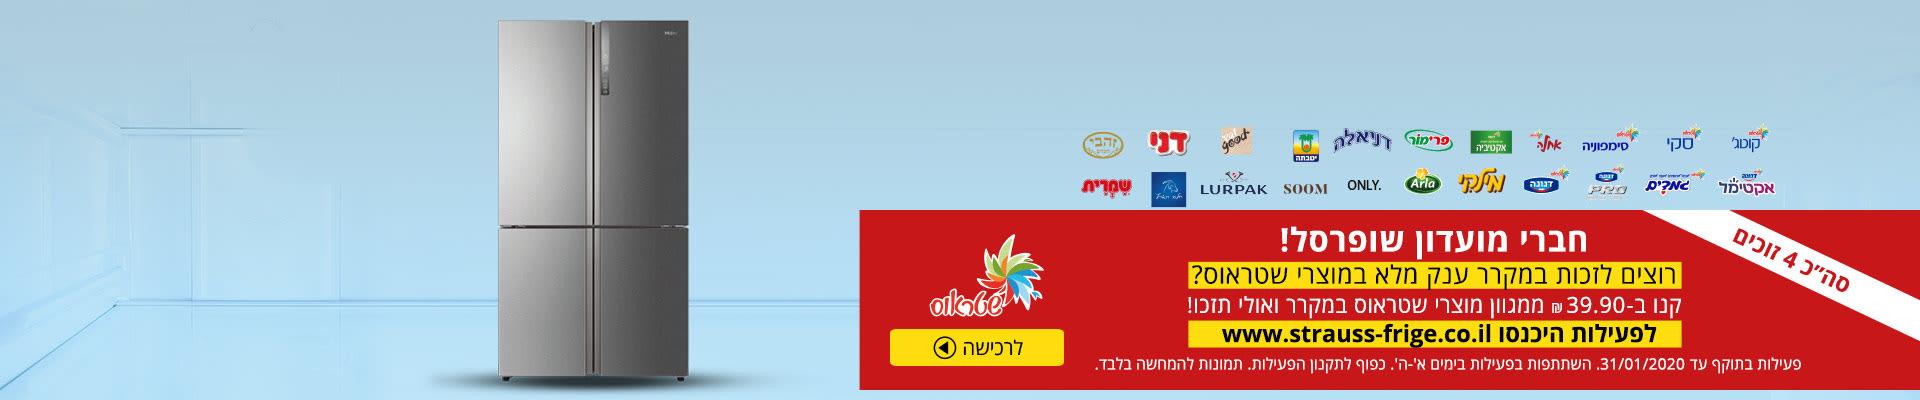 מגוון מוצרי שטראוס ב- 10 ₪ בלבד! לרכישה במבצע>> חל על המוצרים המשתתפים במבצע. בתוקף עד 27/01/2020. ט.ל.ח